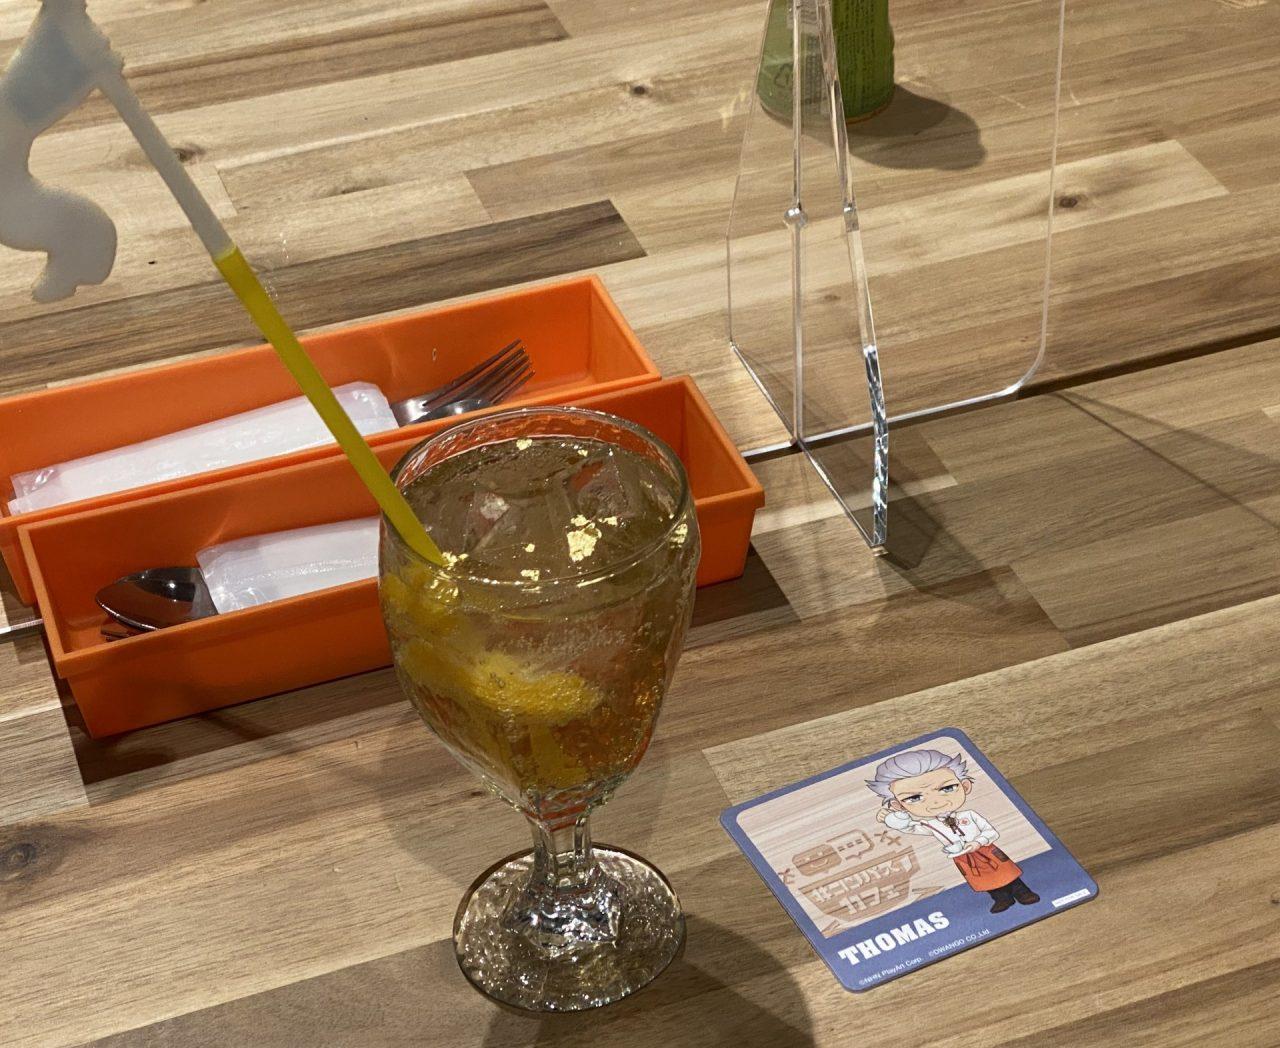 #コンパス【ニュース】: 「#コンパスカフェ」レポート!いつでもファンが集まれる常設カフェがついにオープン!!